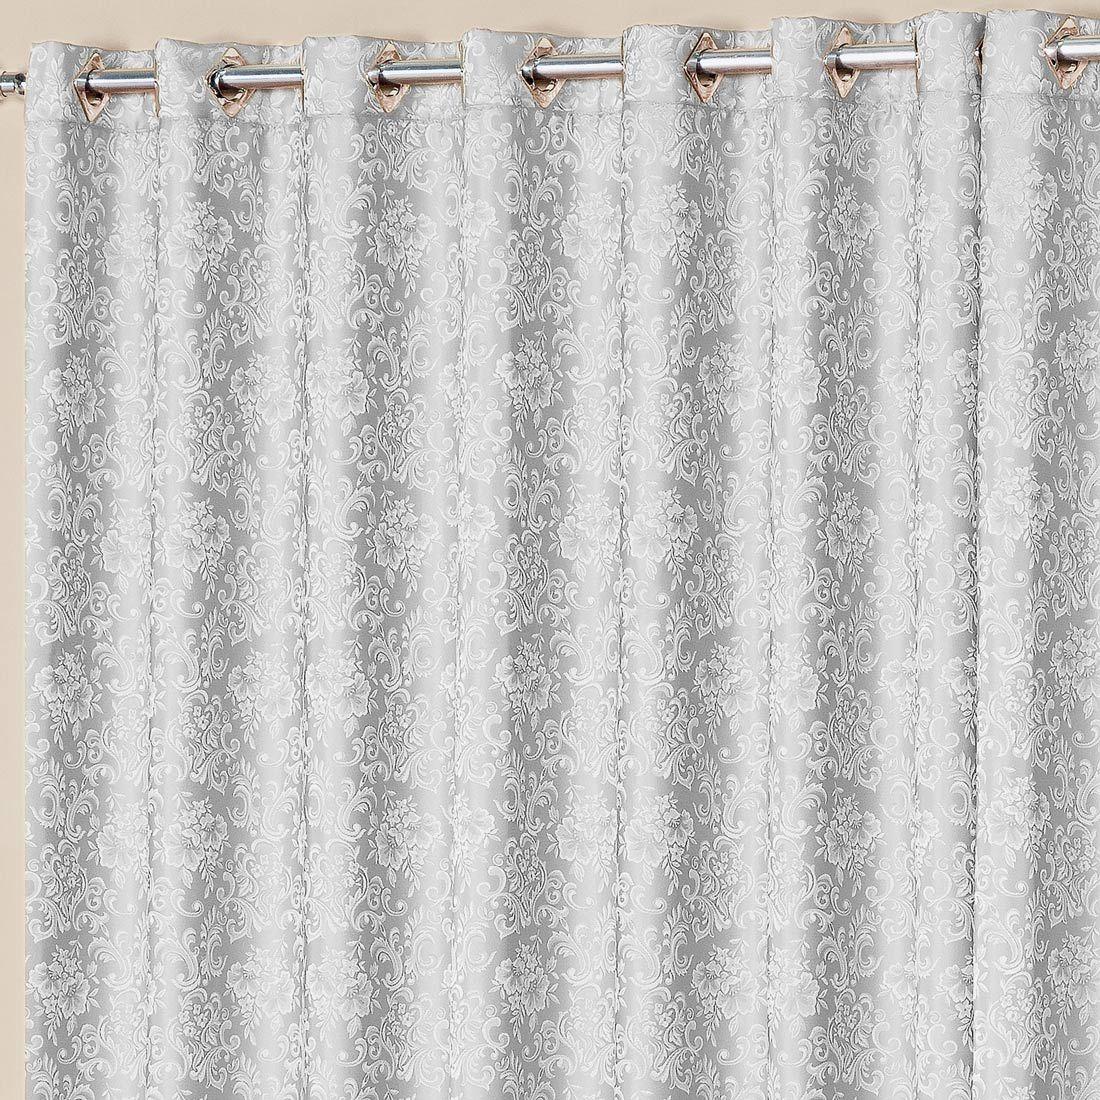 Cortina Nobre Jacquard Prata 2,00m x 1,70m p/ Varão Simples